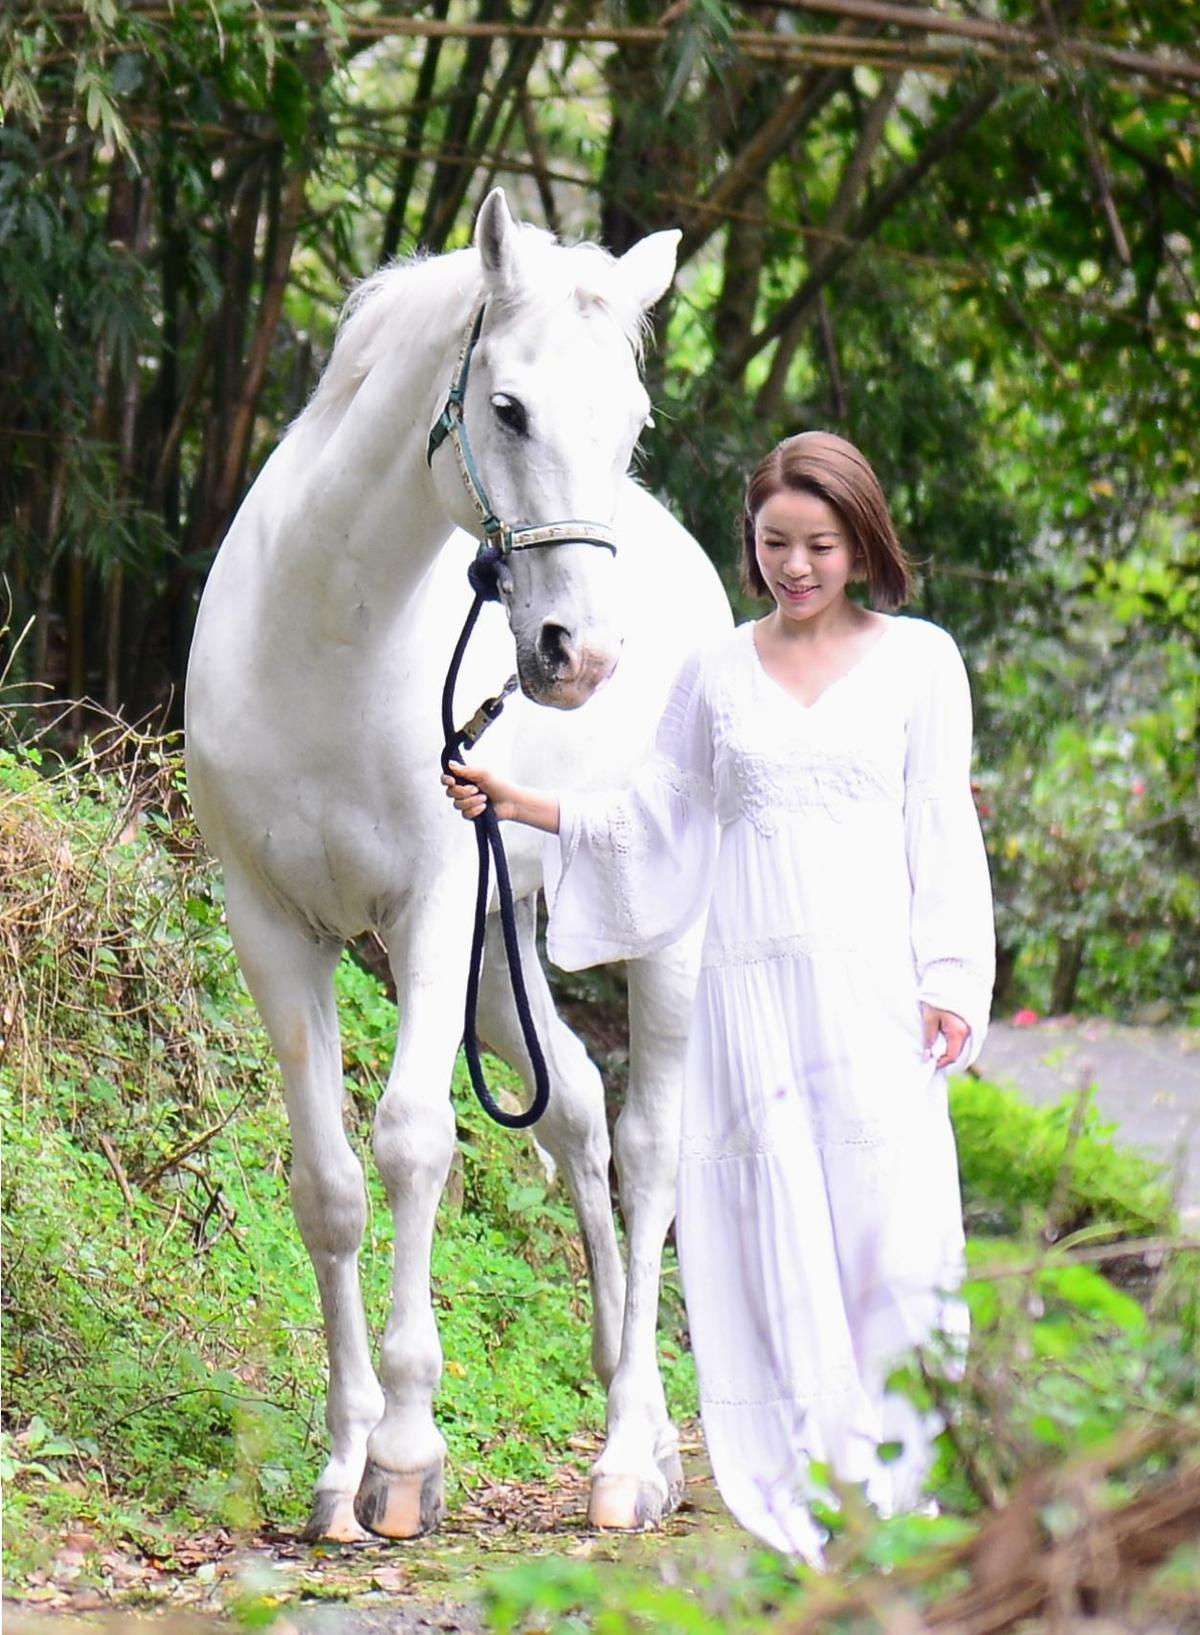 丁噹牽著不受控的白馬漫步林間,差點被他甩到山下險象環生。(相信音樂提供)